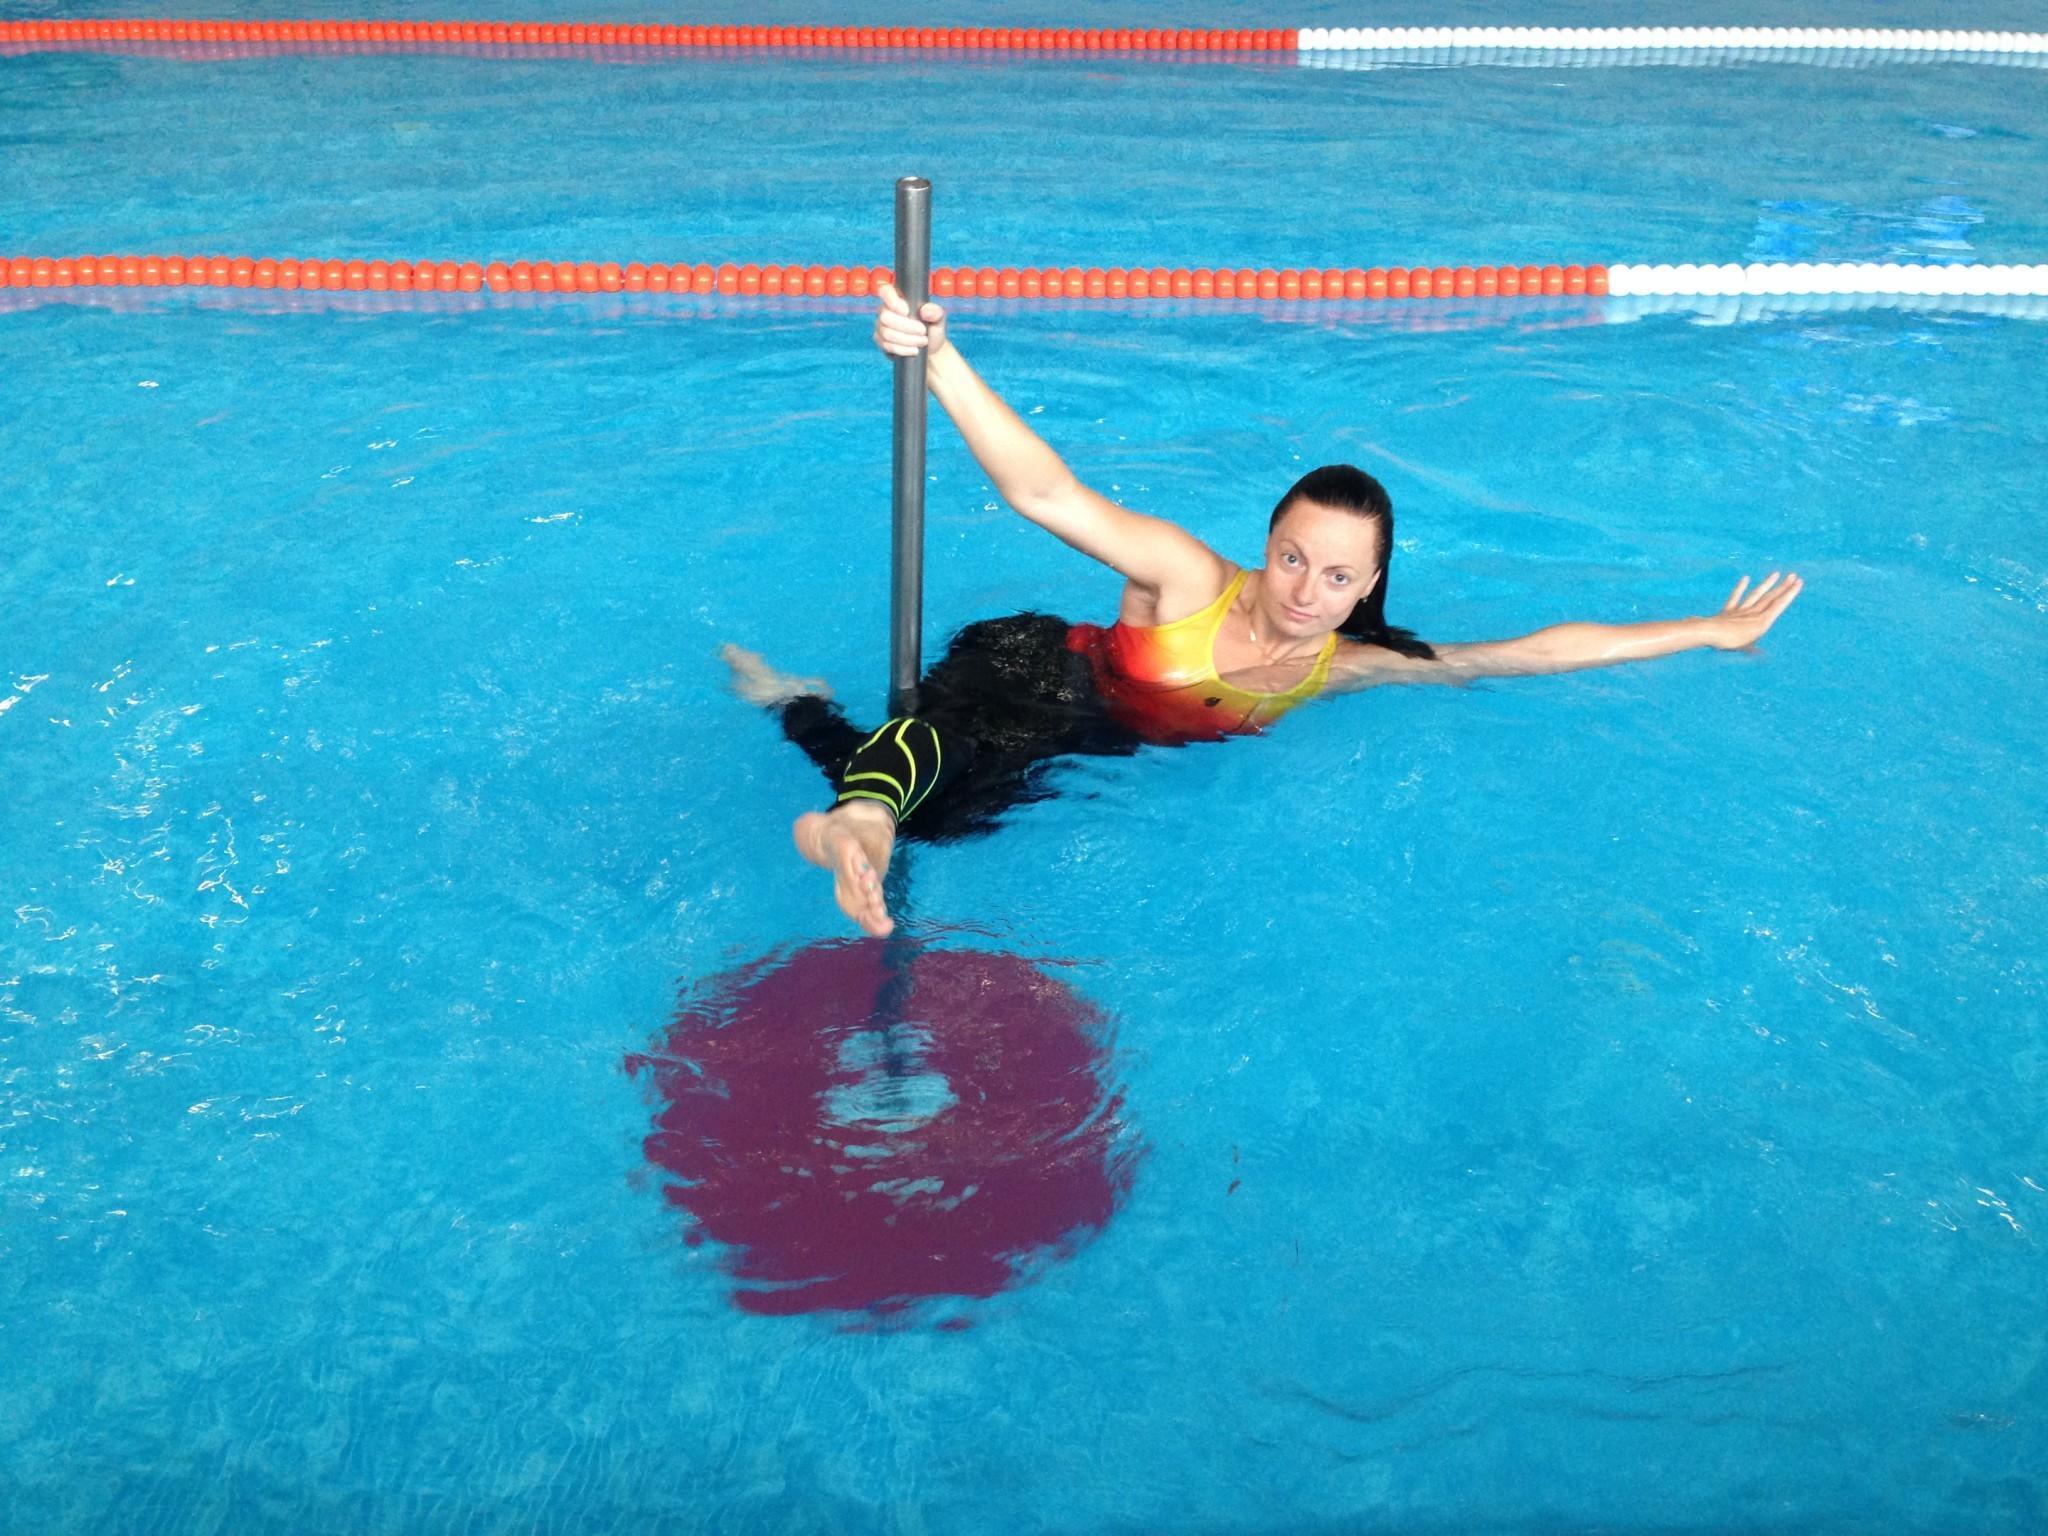 Танцпол в бассейне: новая тренировка Aqua pole dance